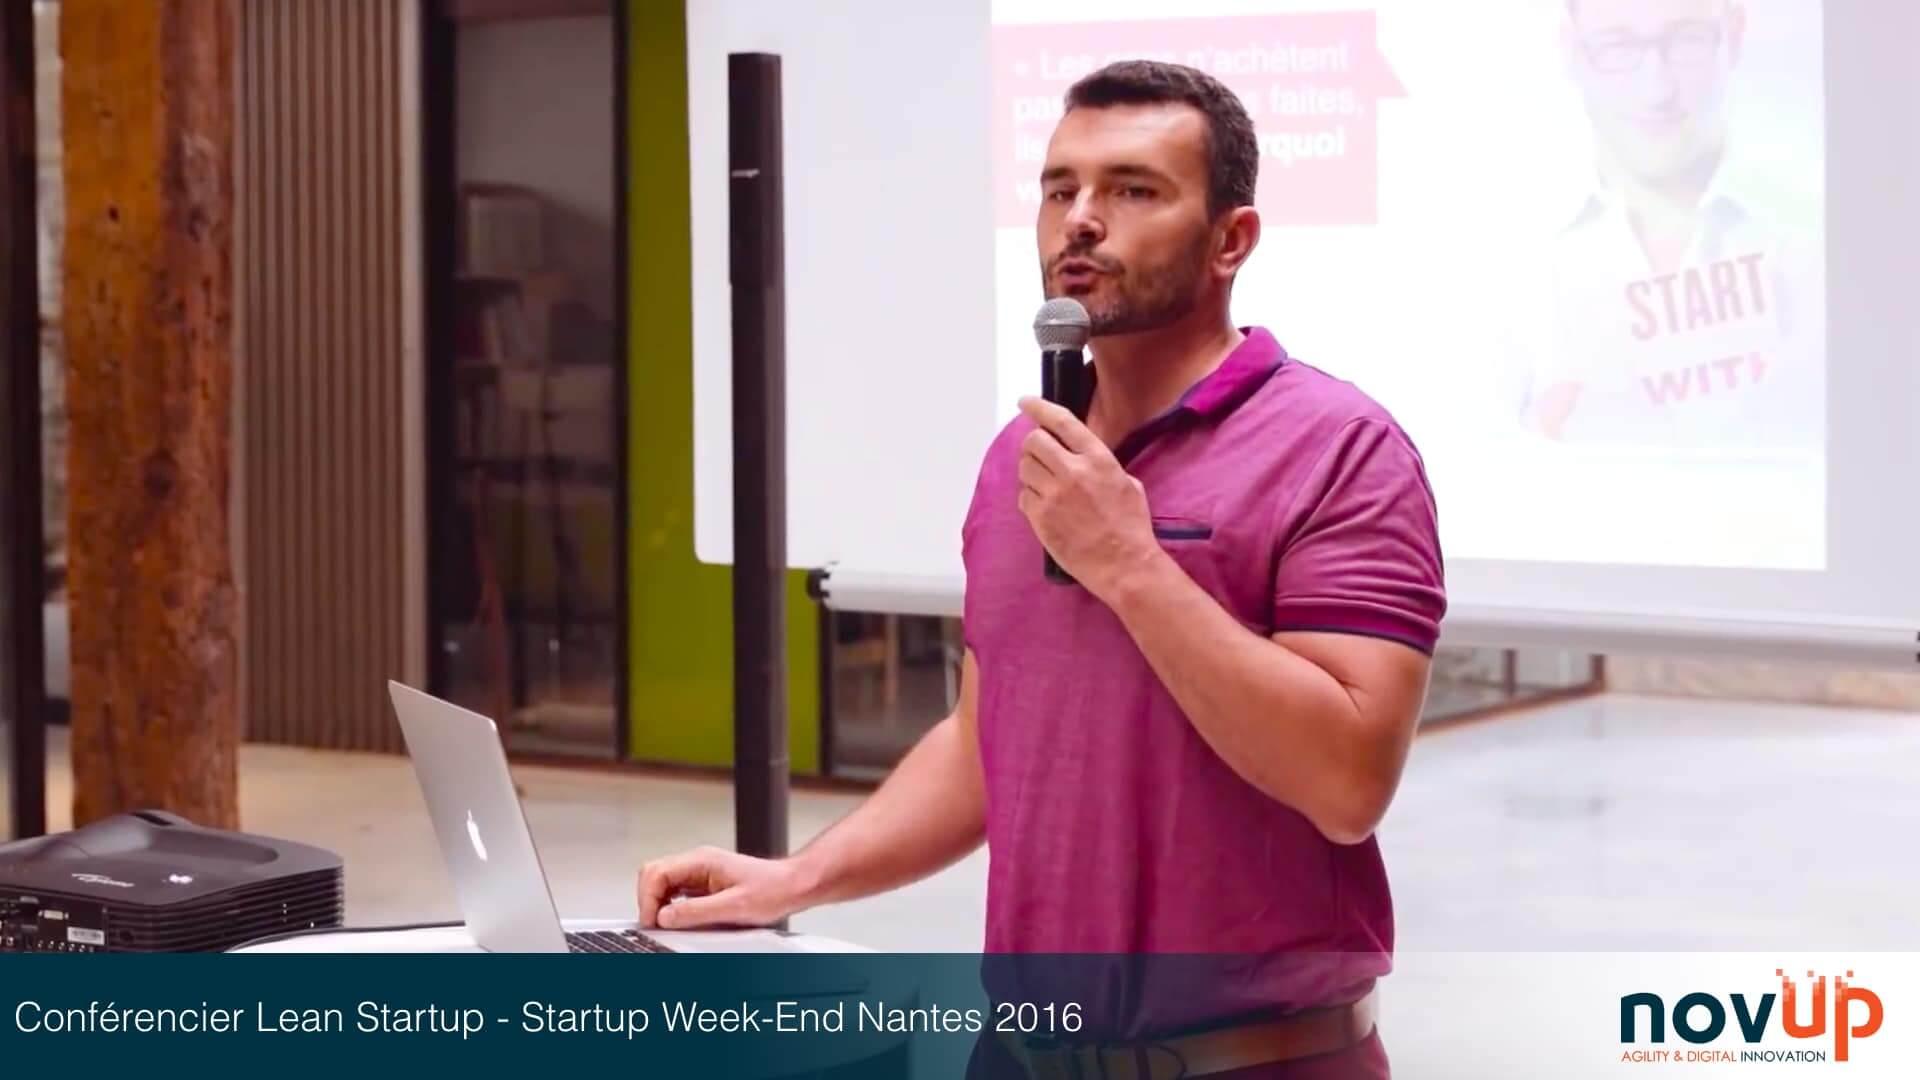 Conférencier Lean Startup - Startup Week-End Nantes 2016